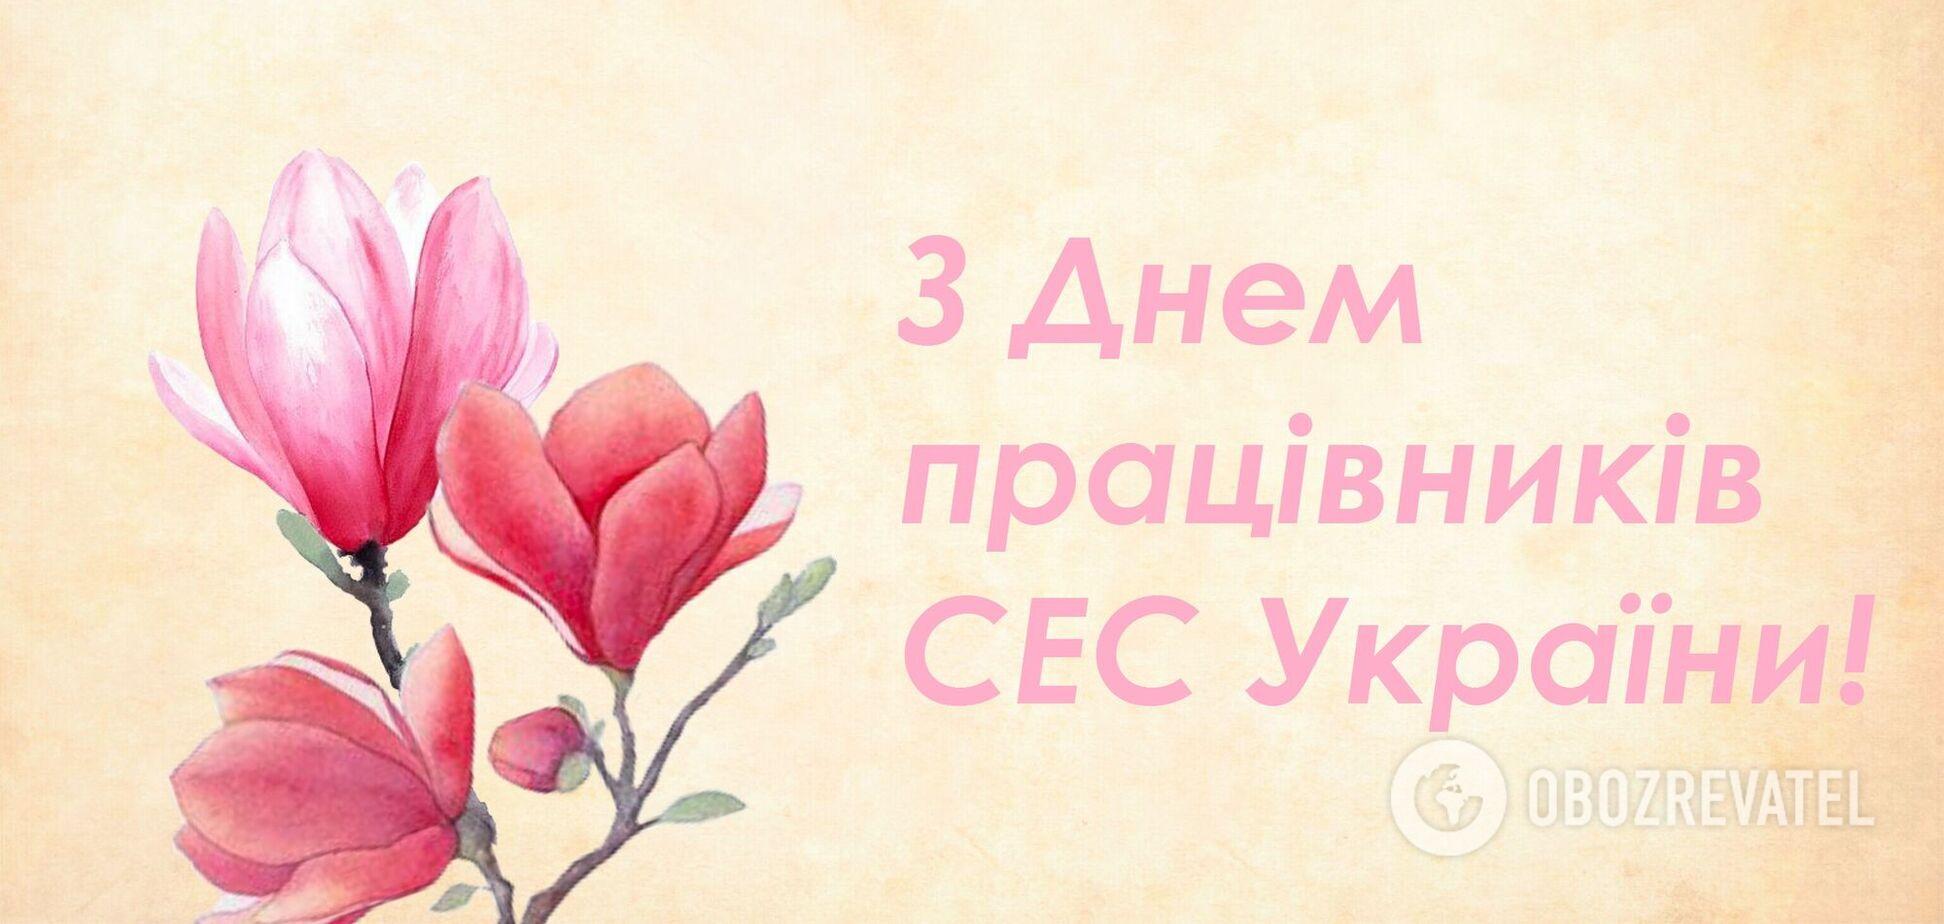 День працівників СЕС України 2020 року припадає на 11 жовтня